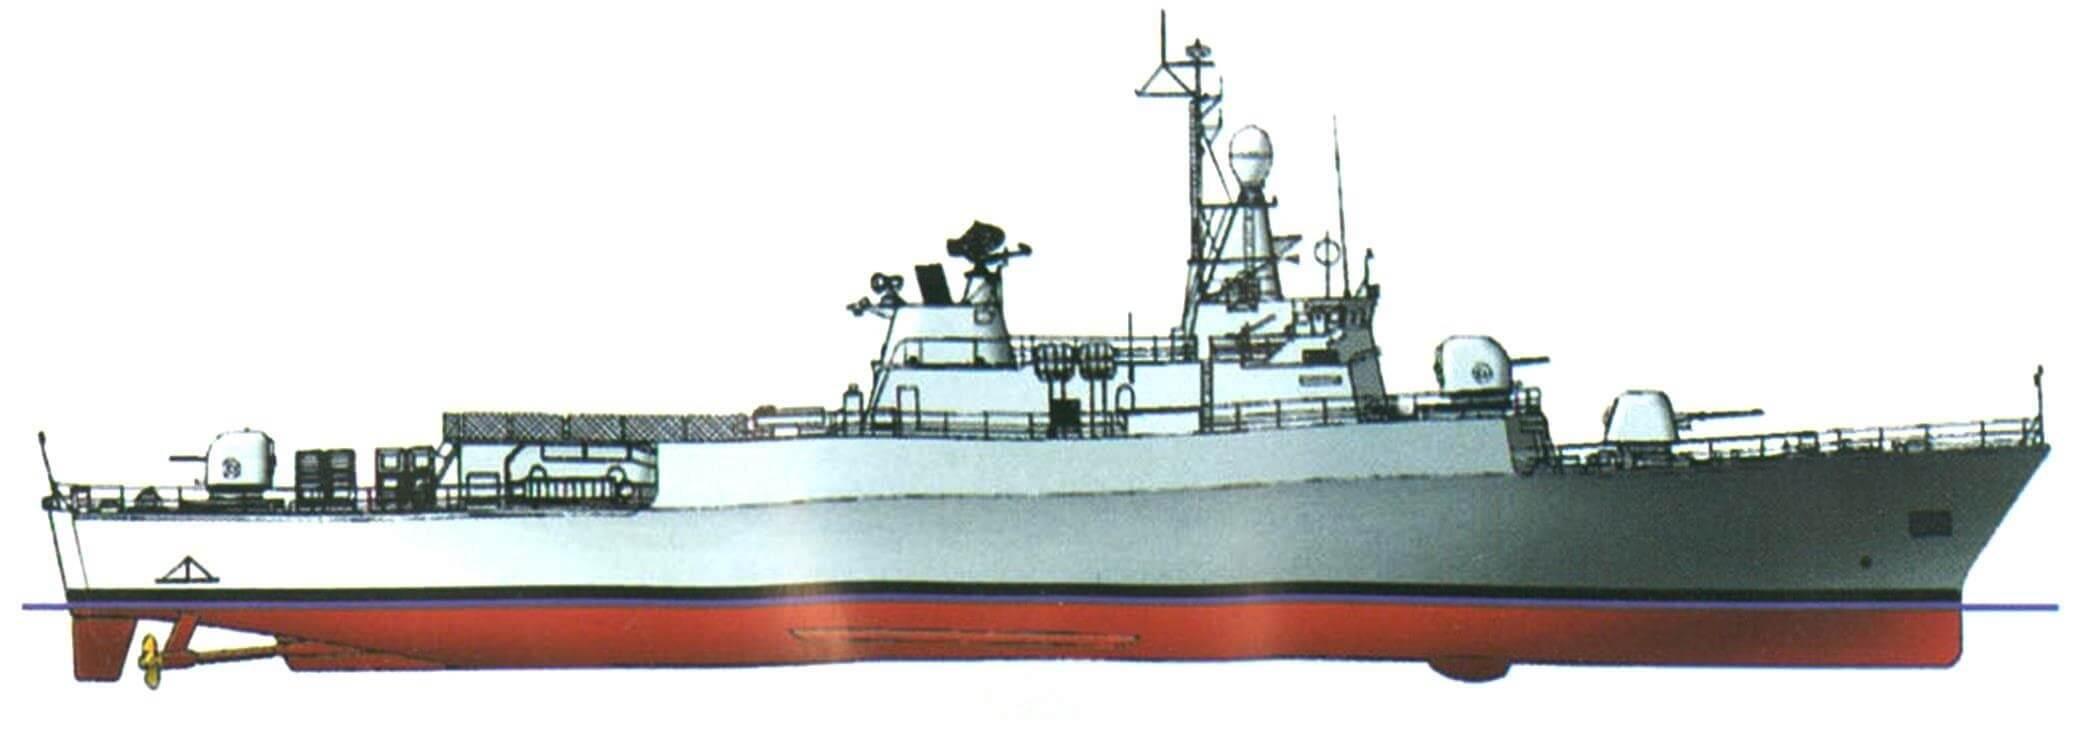 Фрегат «Эспора» (проект МЕКО-140), Аргентина, 1985 г.